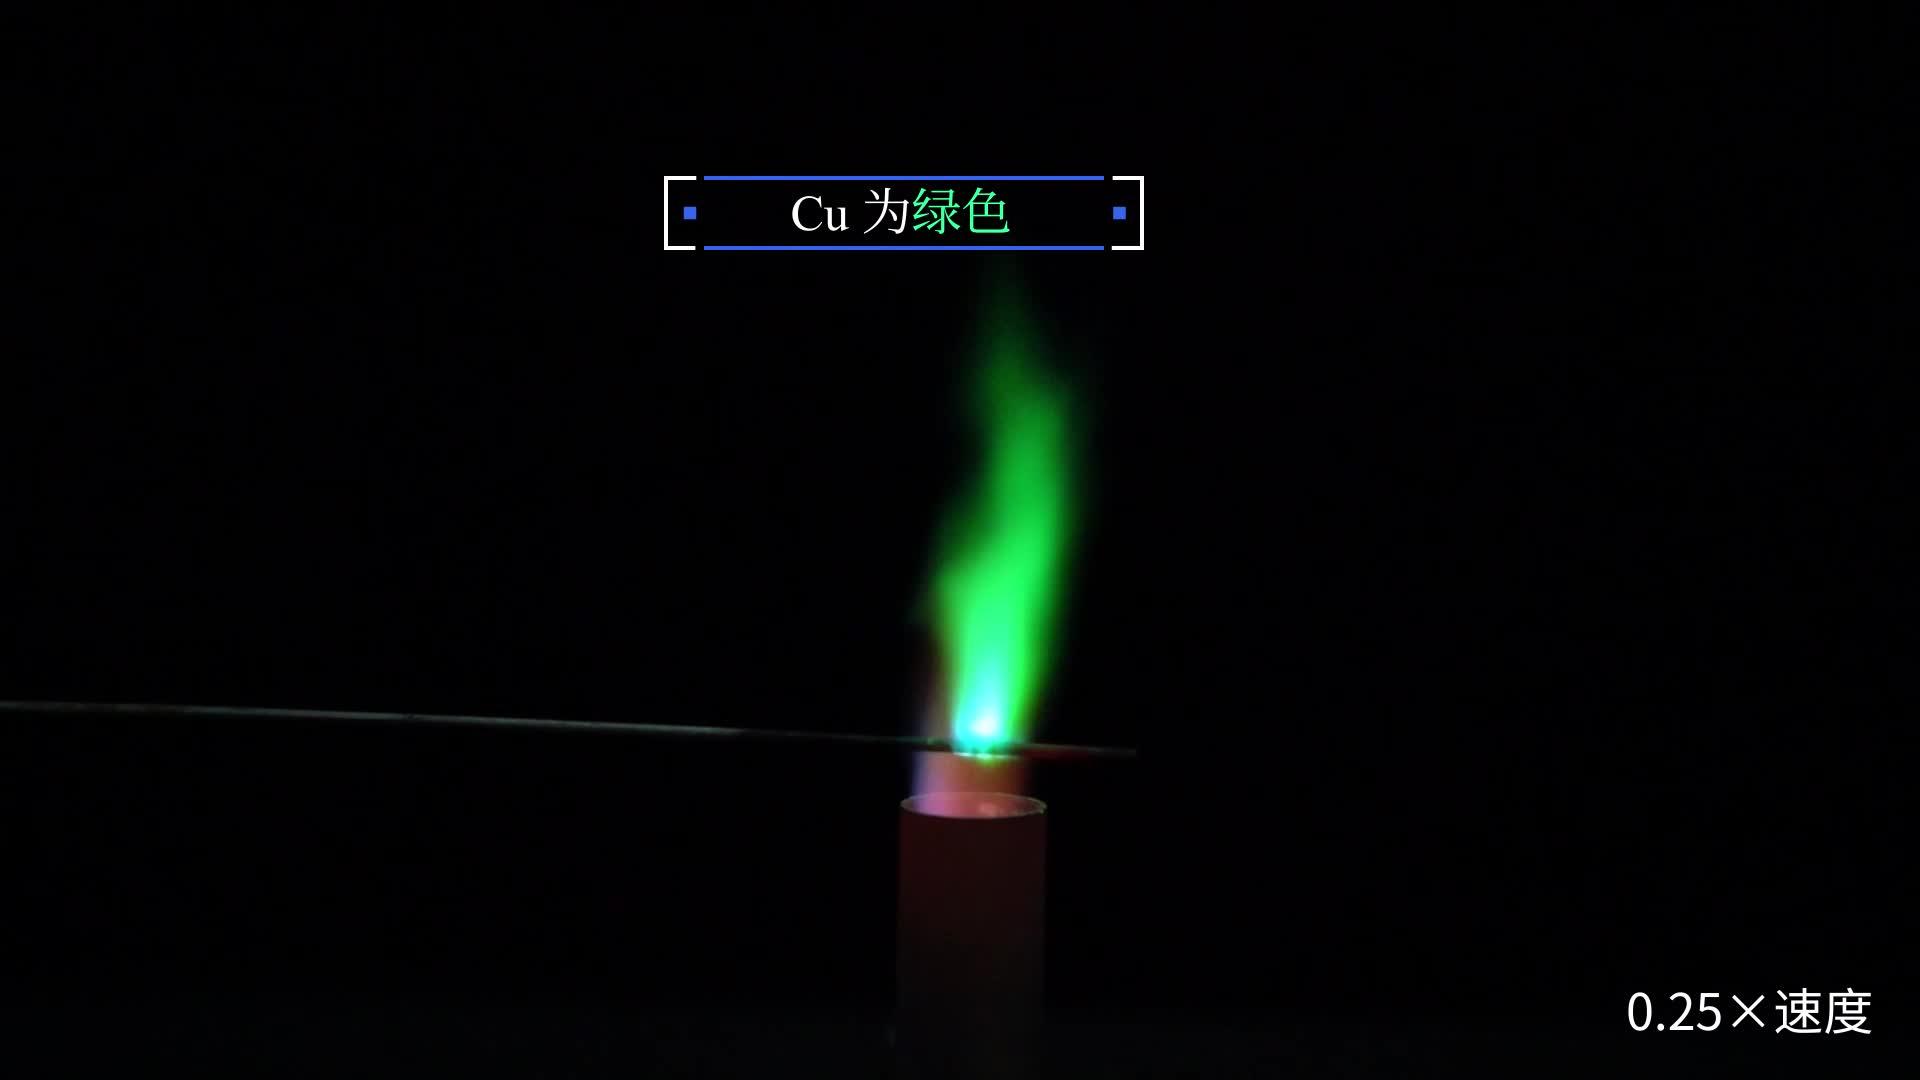 【限时折扣】3.2 焰色反应-【火花学院】人教版必修一高一化学 第三章 金属及其化合物 第二节 几种重要的金属化合物 [来自e网通客户端]